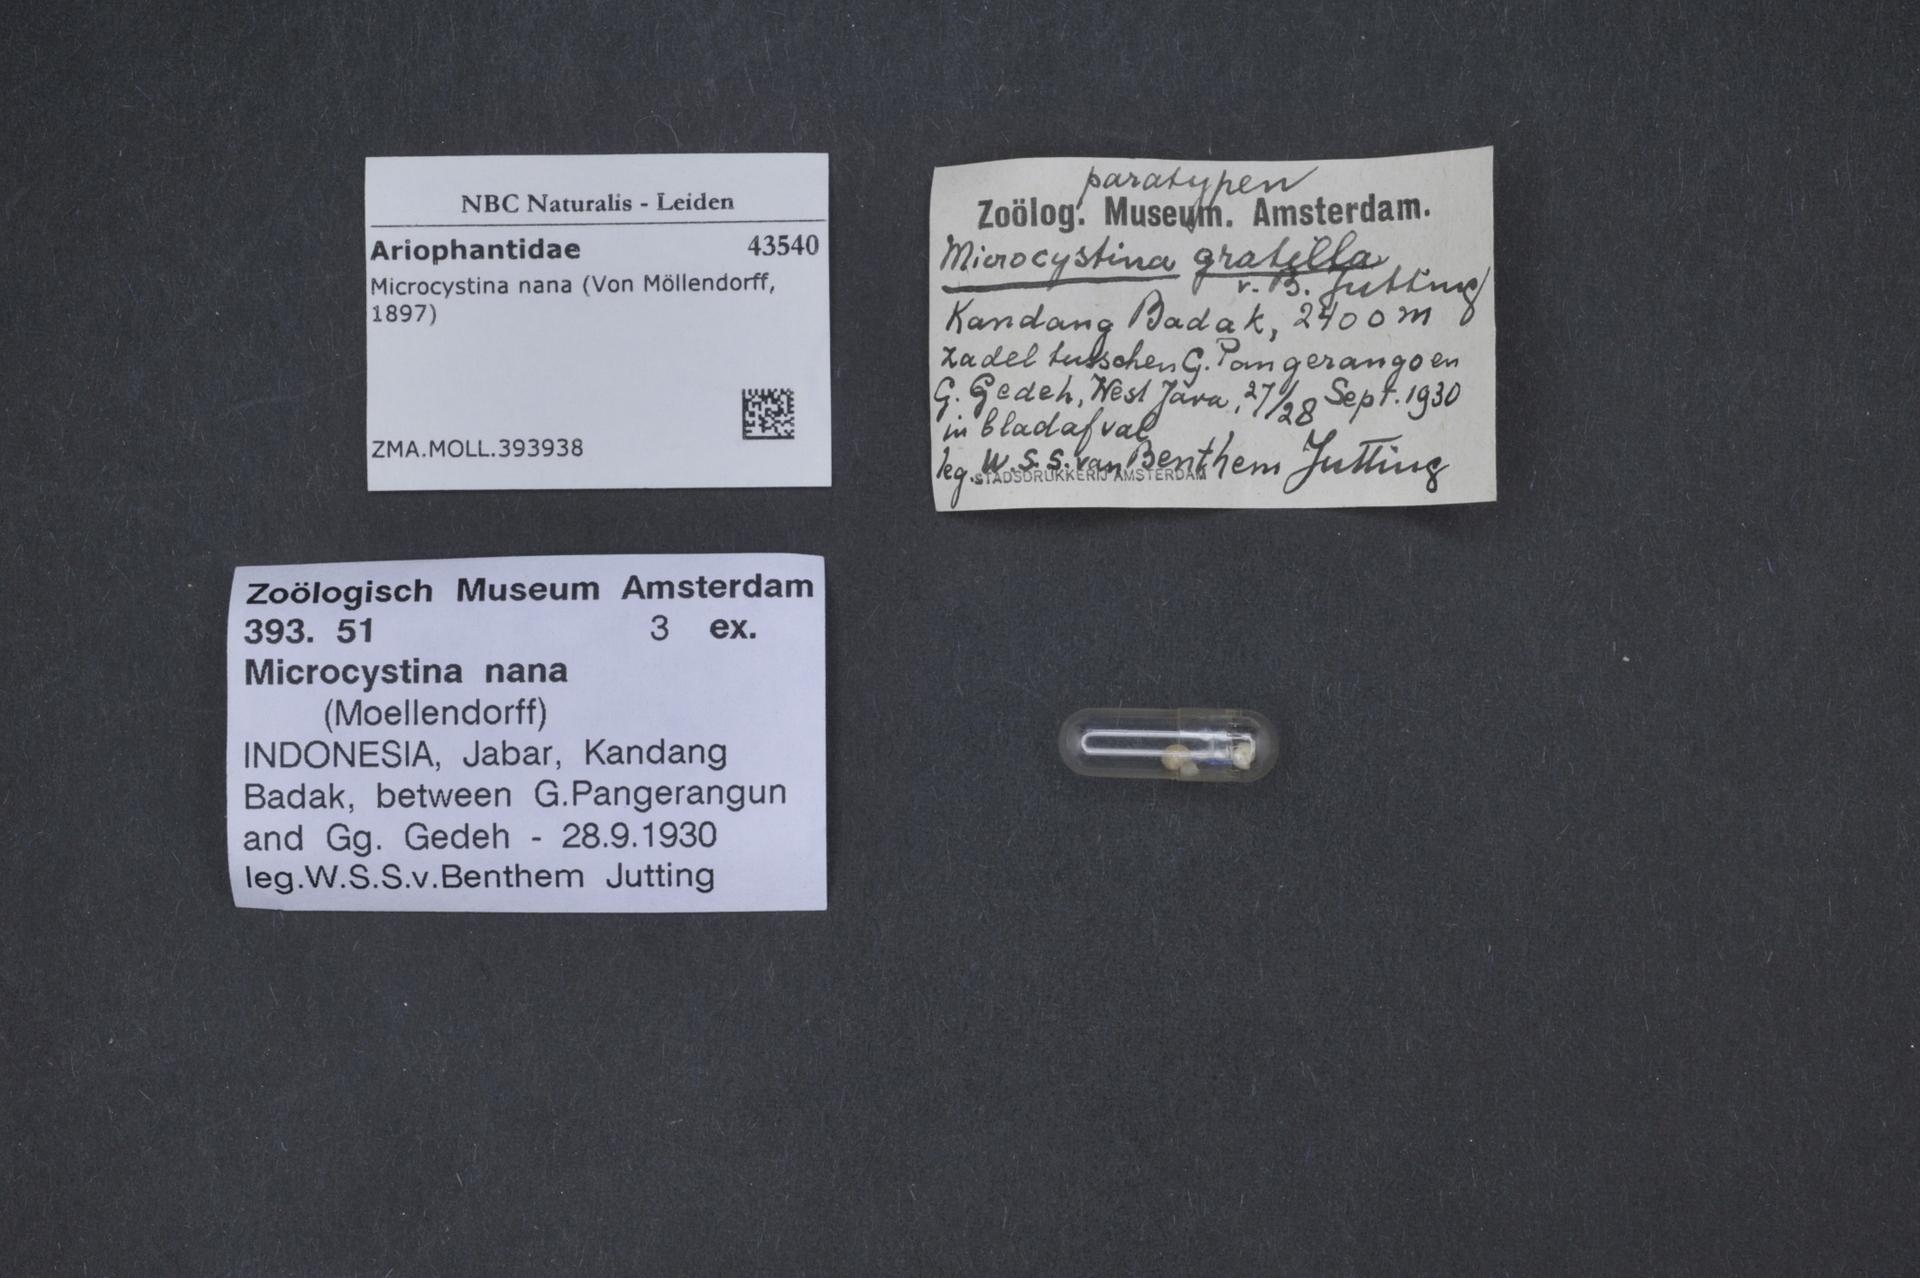 ZMA.MOLL.393938 | Microcystina gratilla Van Benthem Jutting, 1950